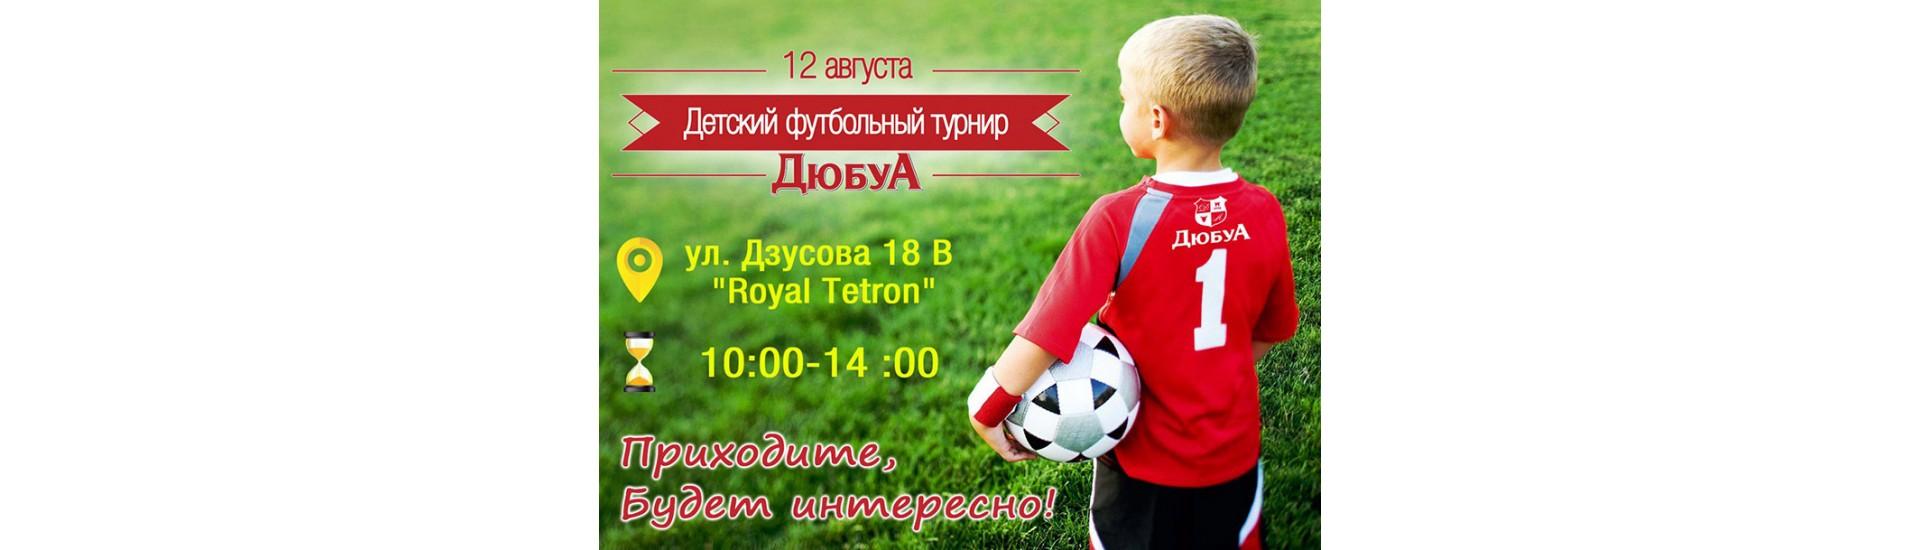 Детский футбольну турнир